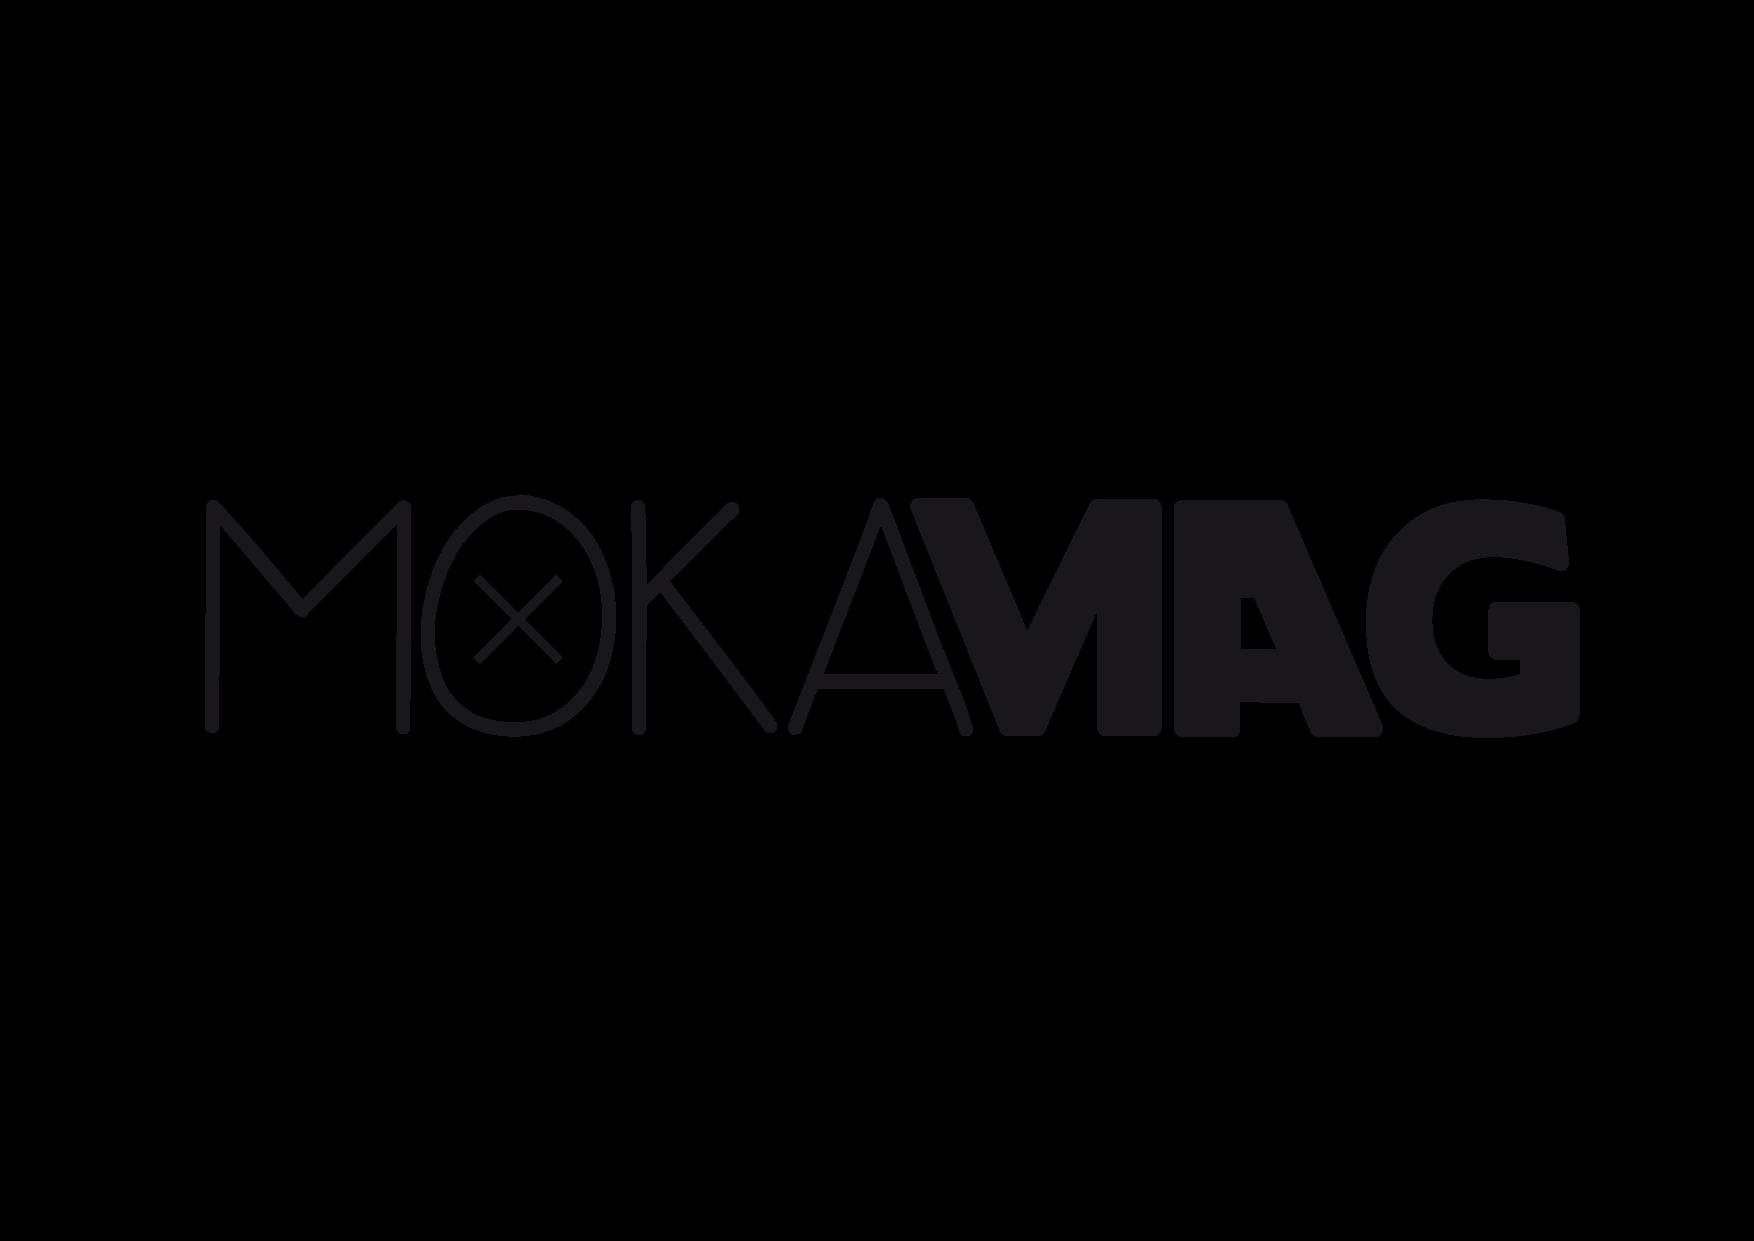 logo MOKA MAG.png